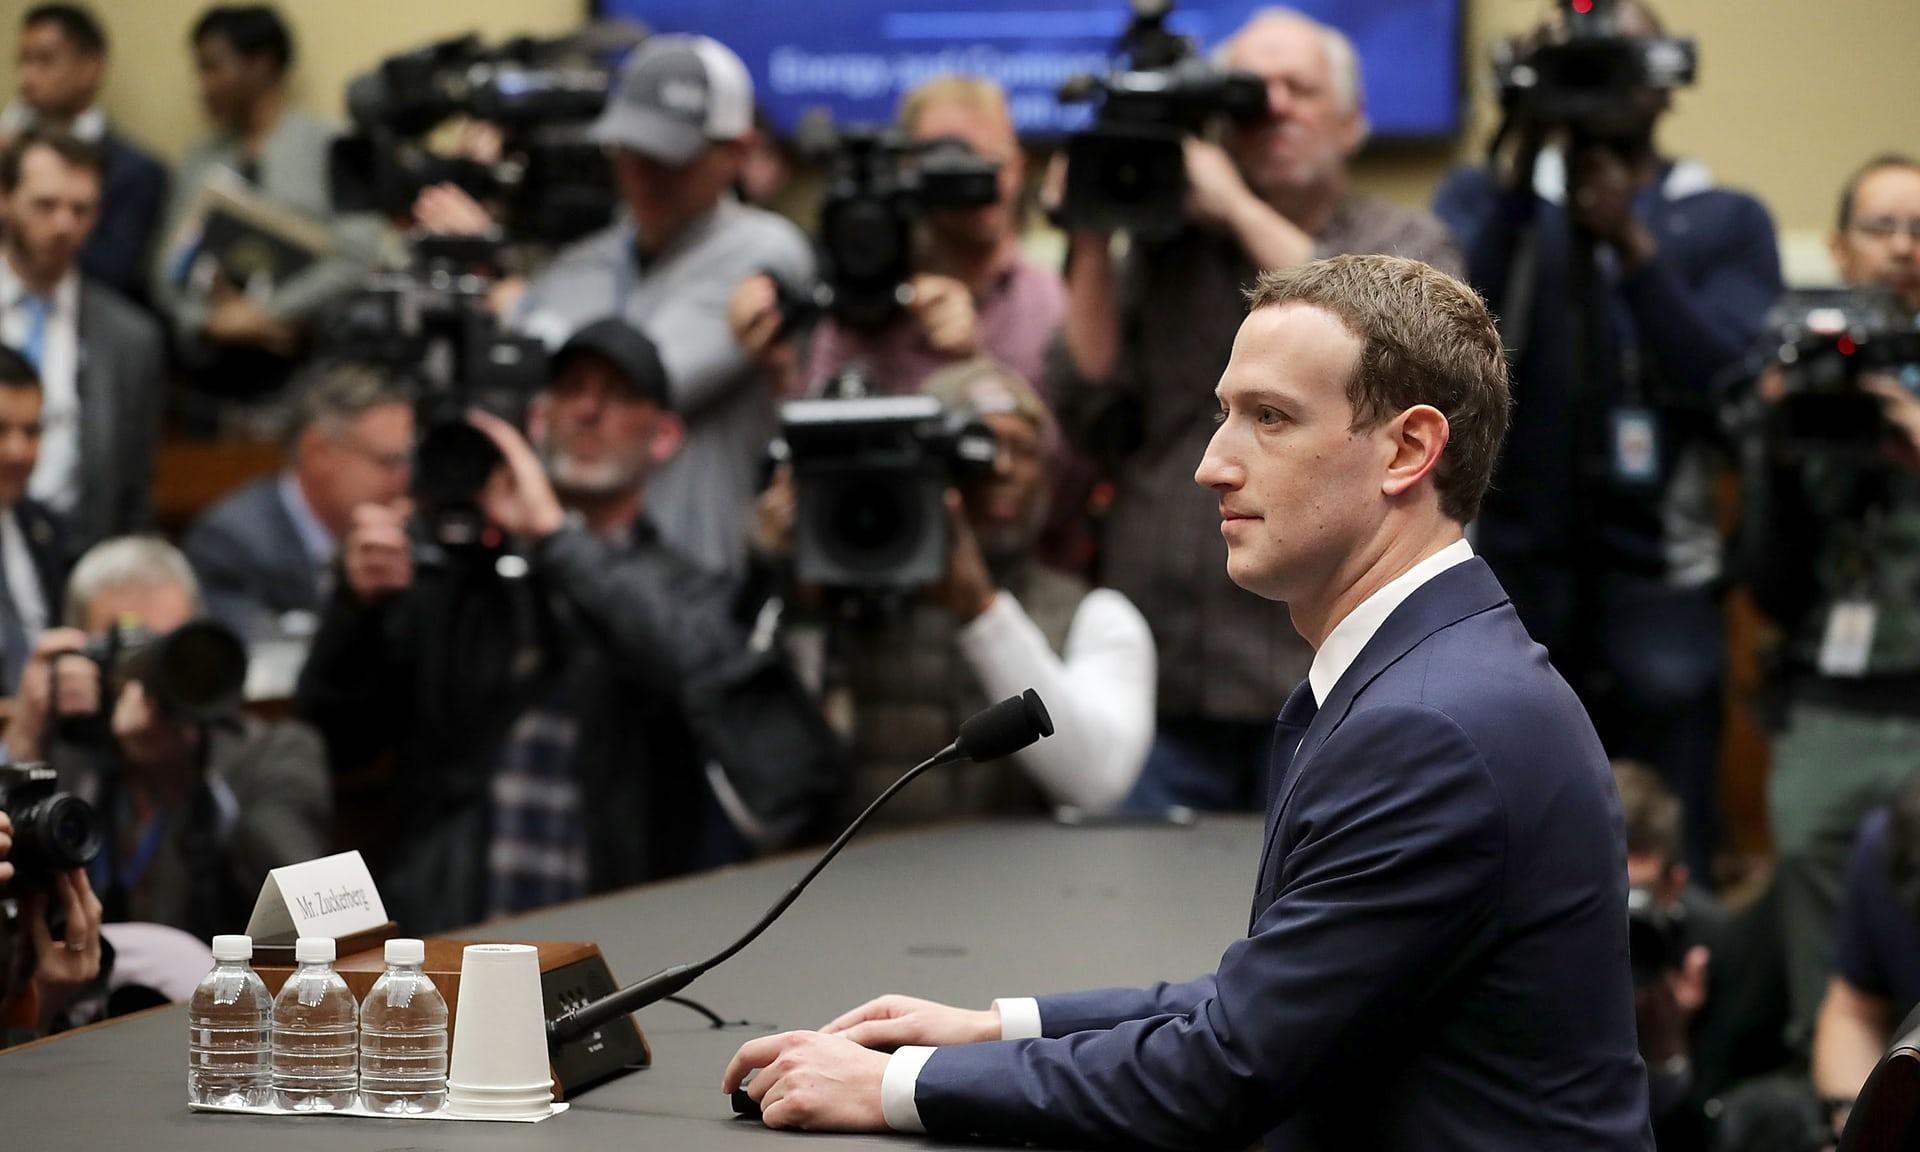 Великобритания оштрафовала Facebook на 500 тыс. фунтов стерлингов из-за утечки данных в Cambridge Analytica. Столько же компания зарабатывает примерно за пять минут